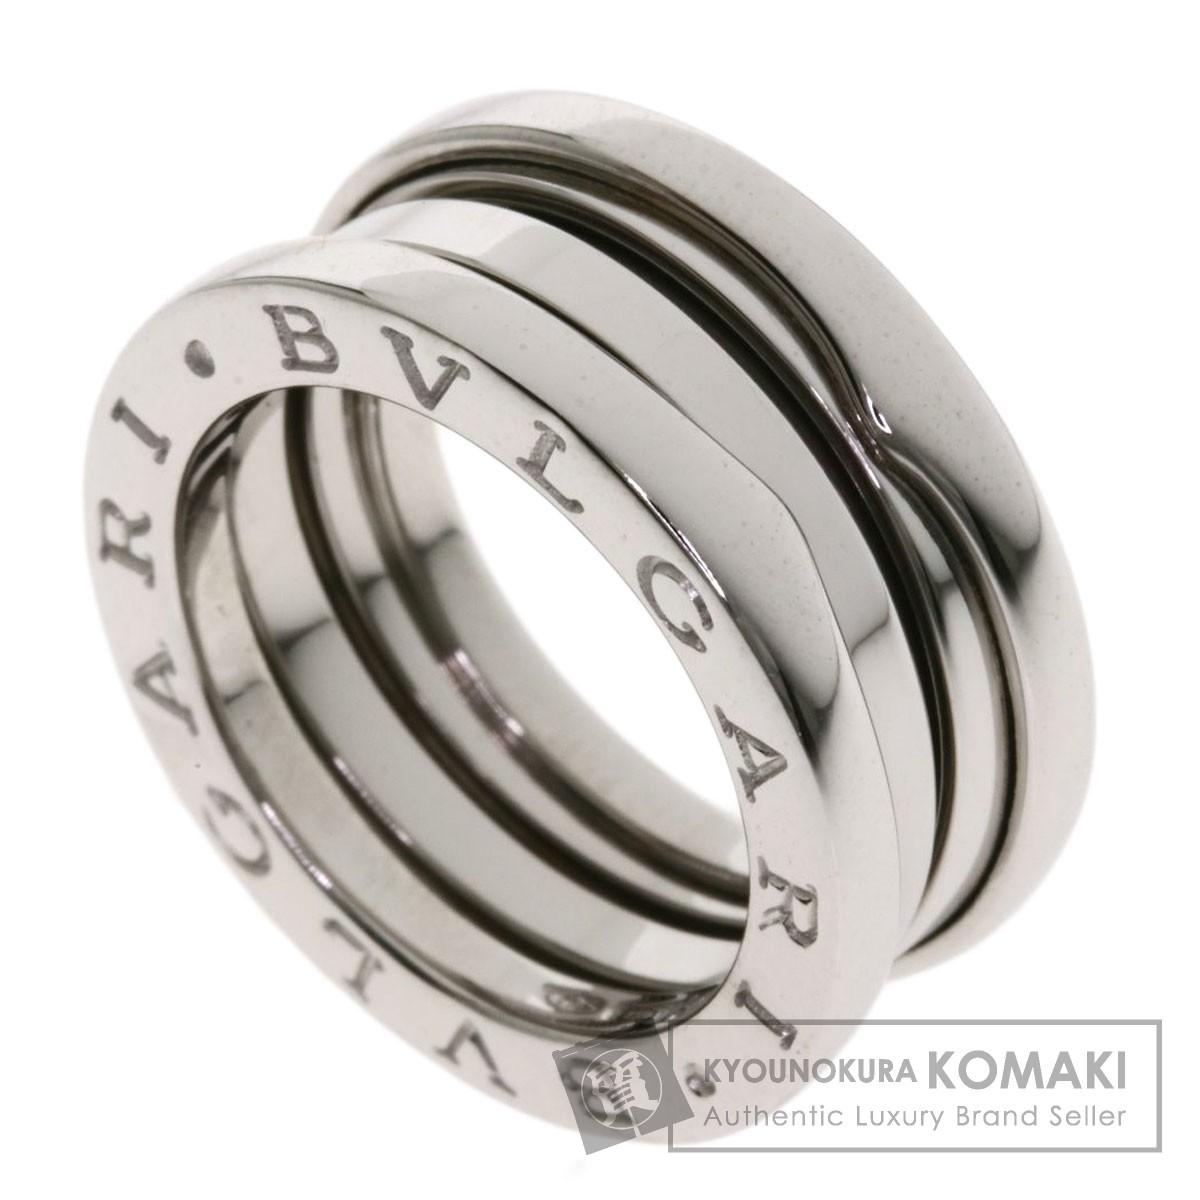 ブルガリ B-zero1 S #49 リング・指輪 K18ホワイトゴールド レディース 【中古】【BVLGARI】